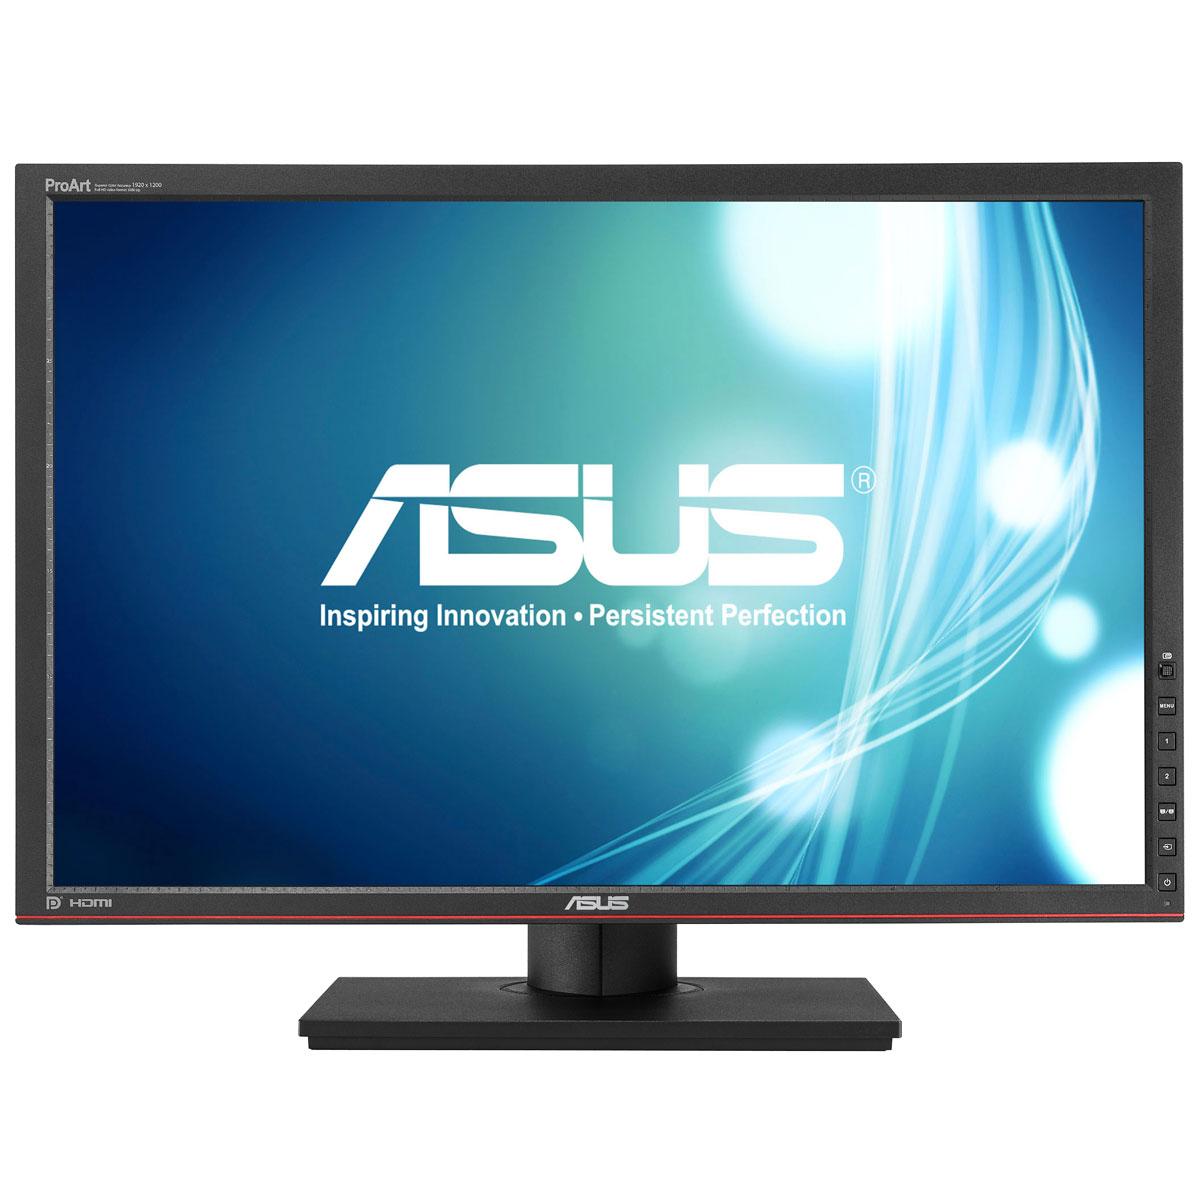 """Ecran PC ASUS 24.1"""" LED - PA249Q 1920 x 1200 pixels - 6 ms (gris à gris) - Format large 16/10 - Dalle IPS - Flicker Free - Pivot - Hub USB 3.0 - HDMI (garantie constructeur 3 ans)"""